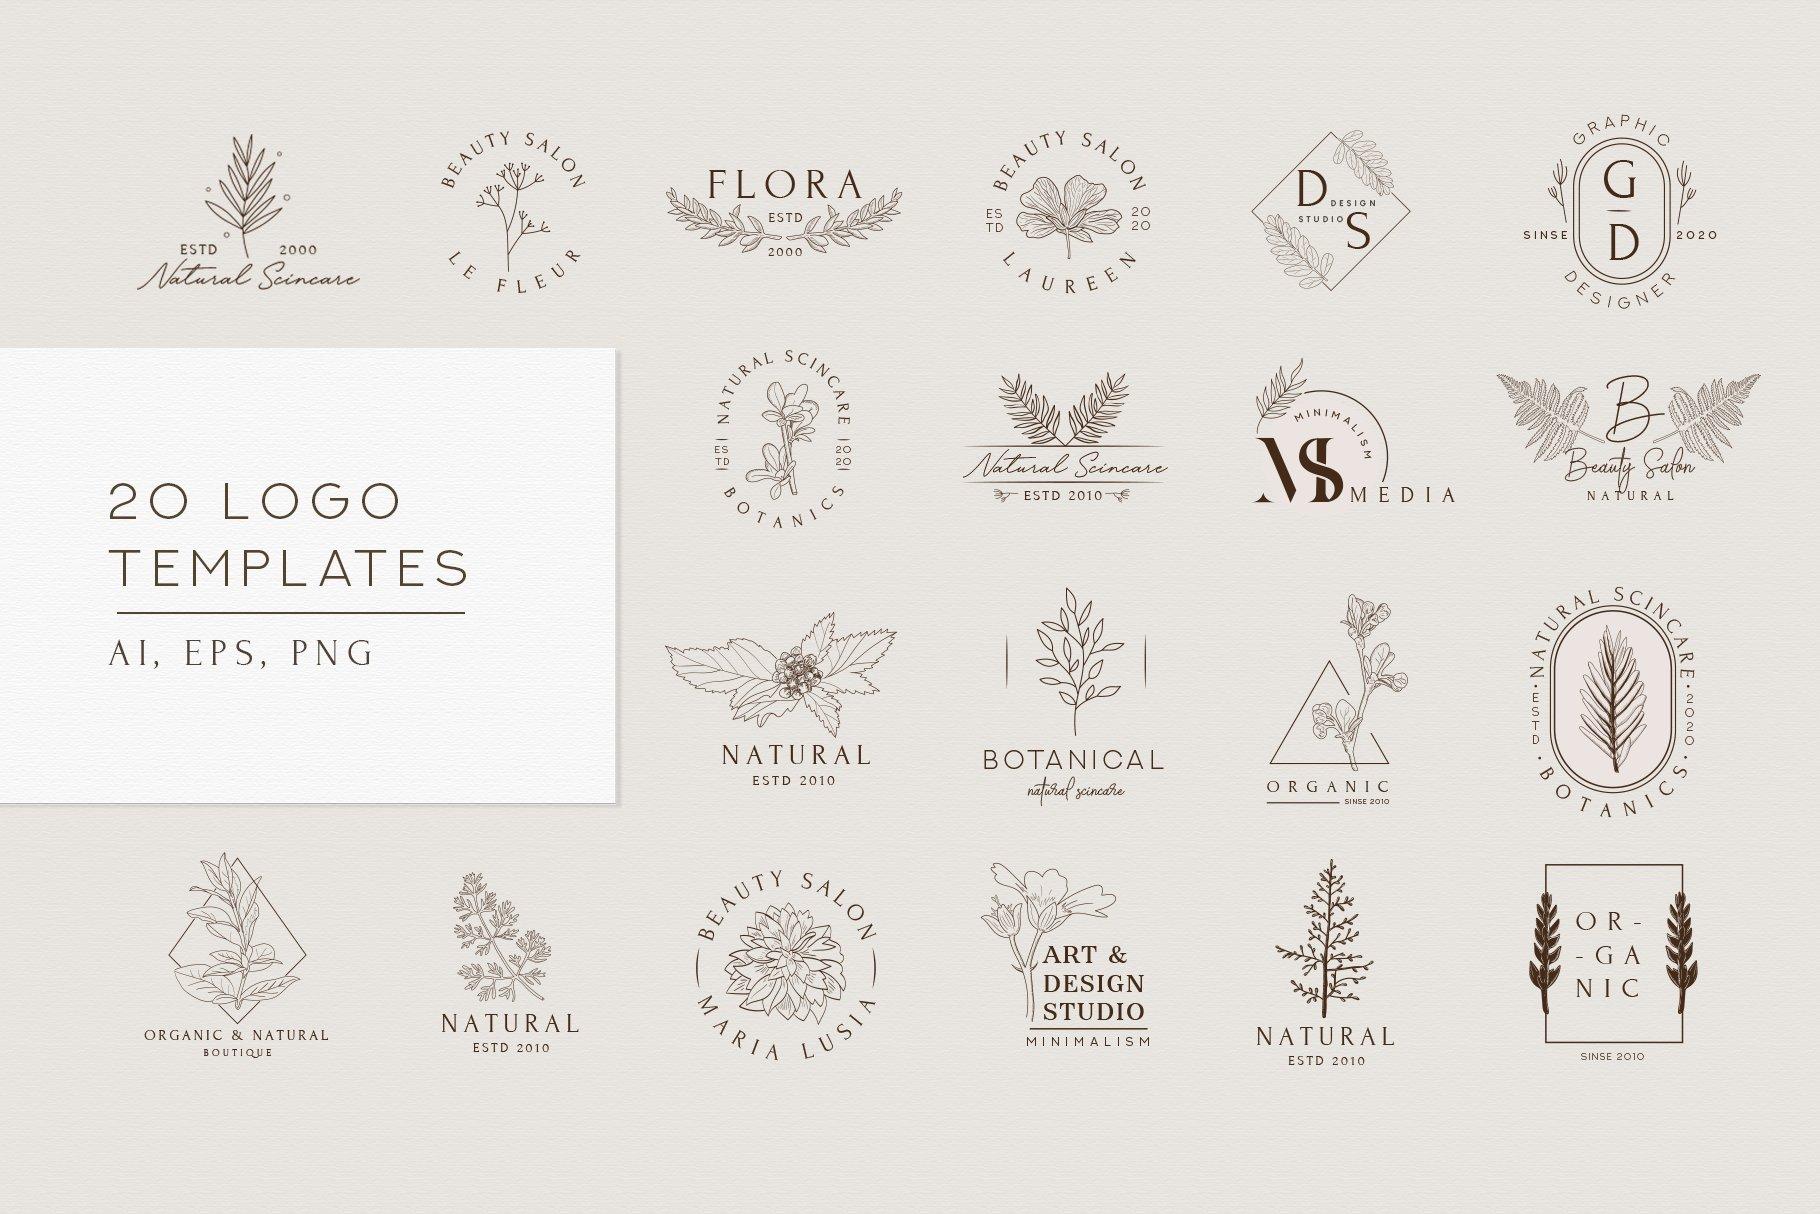 精美植物徽标标志设计AI矢量模板素材 BotanicalLogos & Illustrations插图(3)